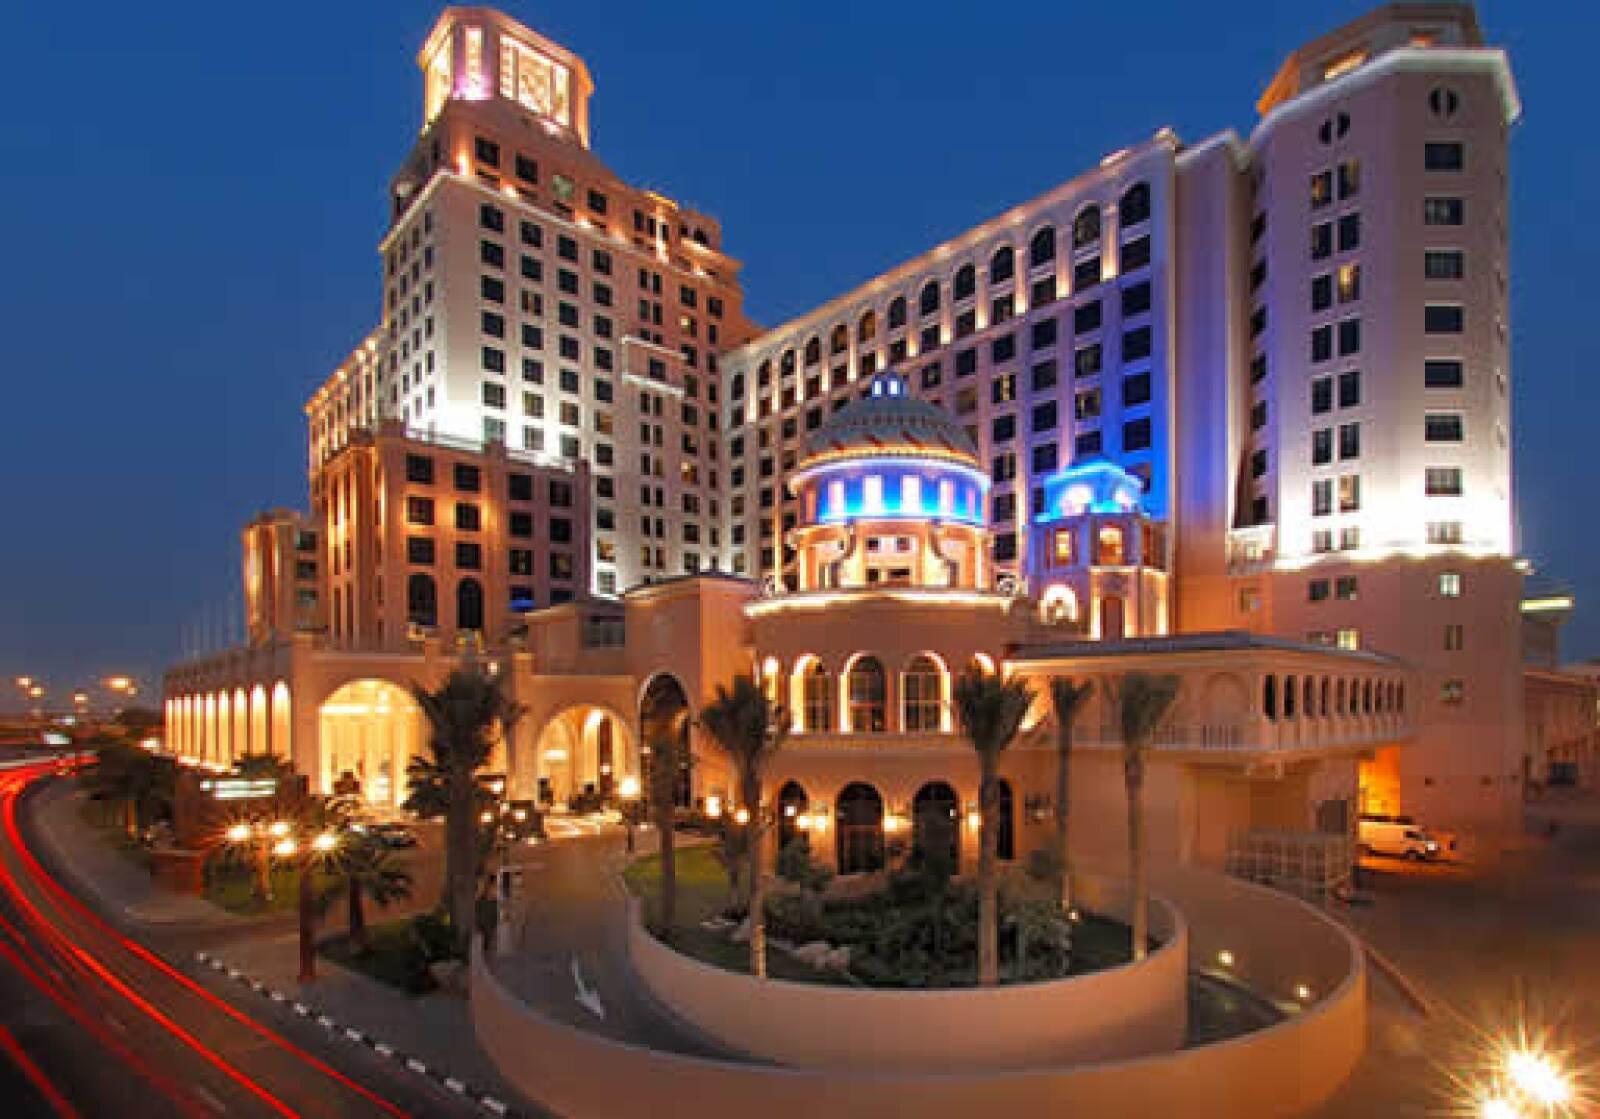 Ubicado como parte del Mall of the Emirates, el hotel cuenta con un diseño lujoso y vanguardista que procura la comodidad de sus huéspedes.